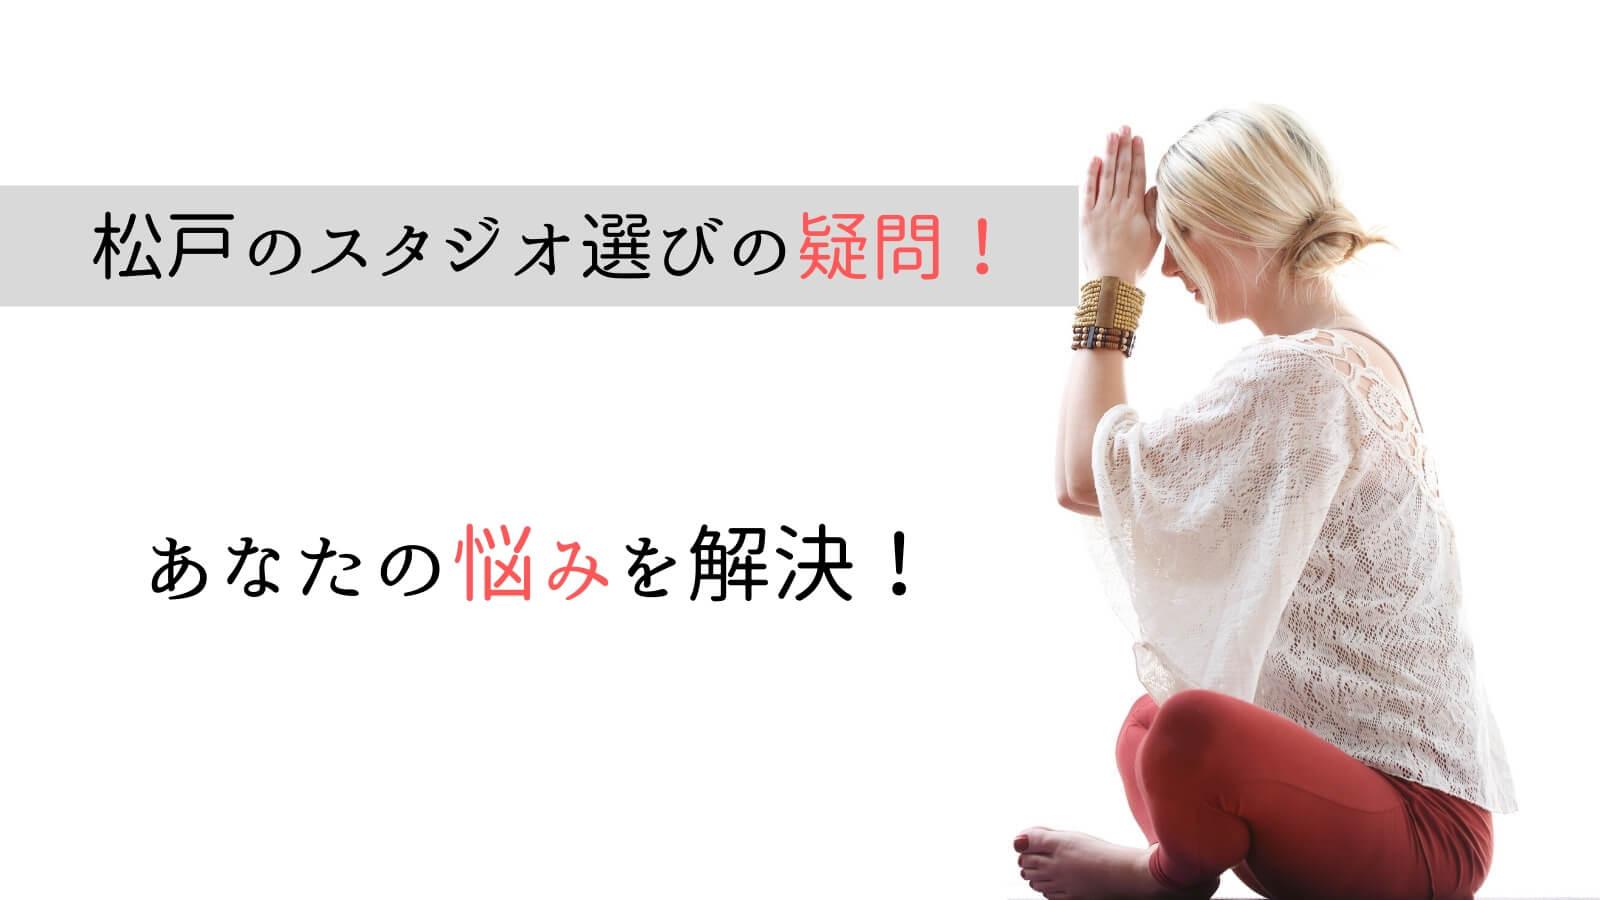 松戸でのヨガ・ホットヨガスタジオ選びに関するQ&A